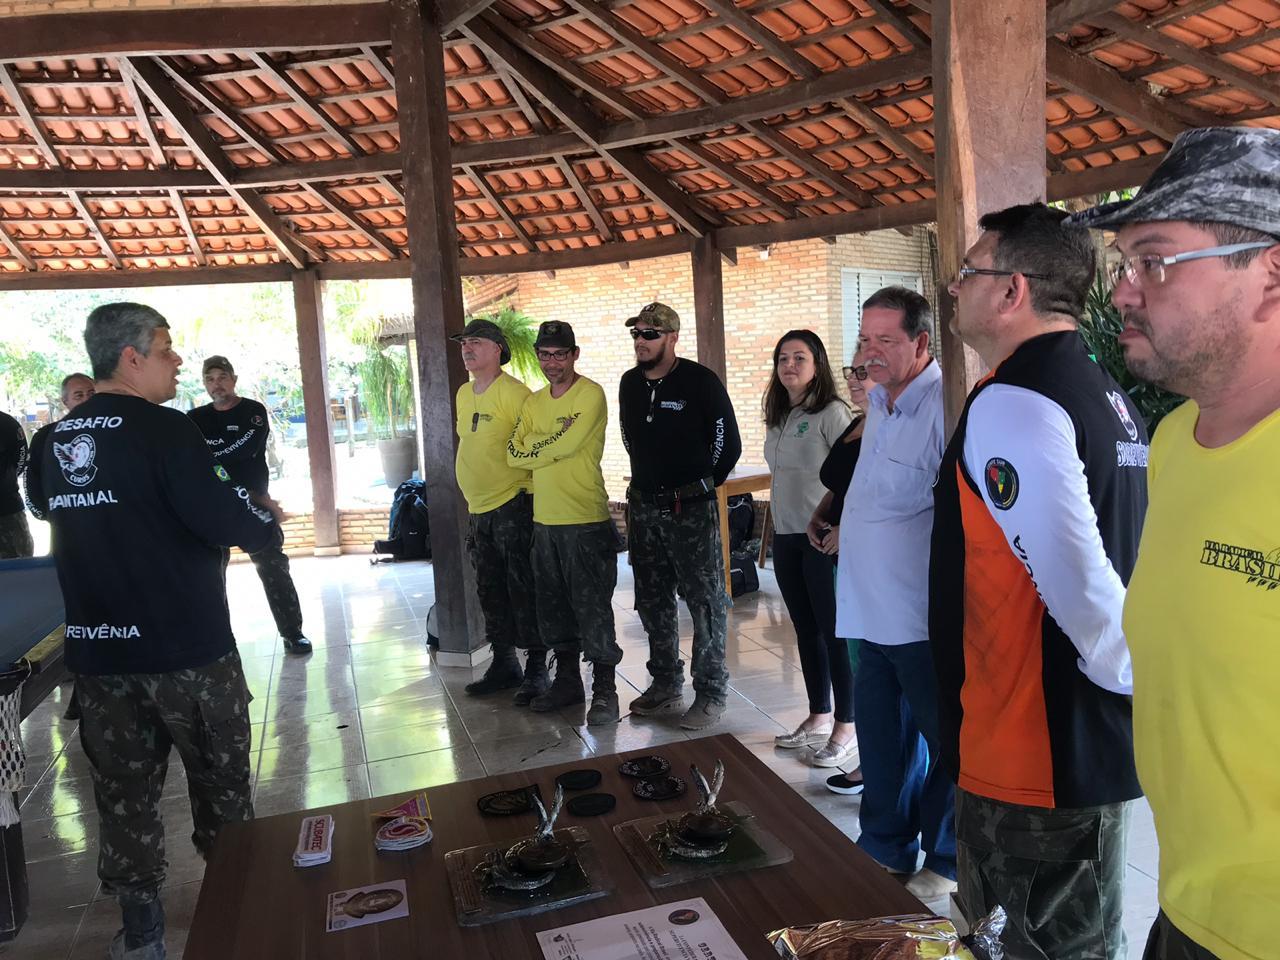 desafio_pantanal_2019 (377)